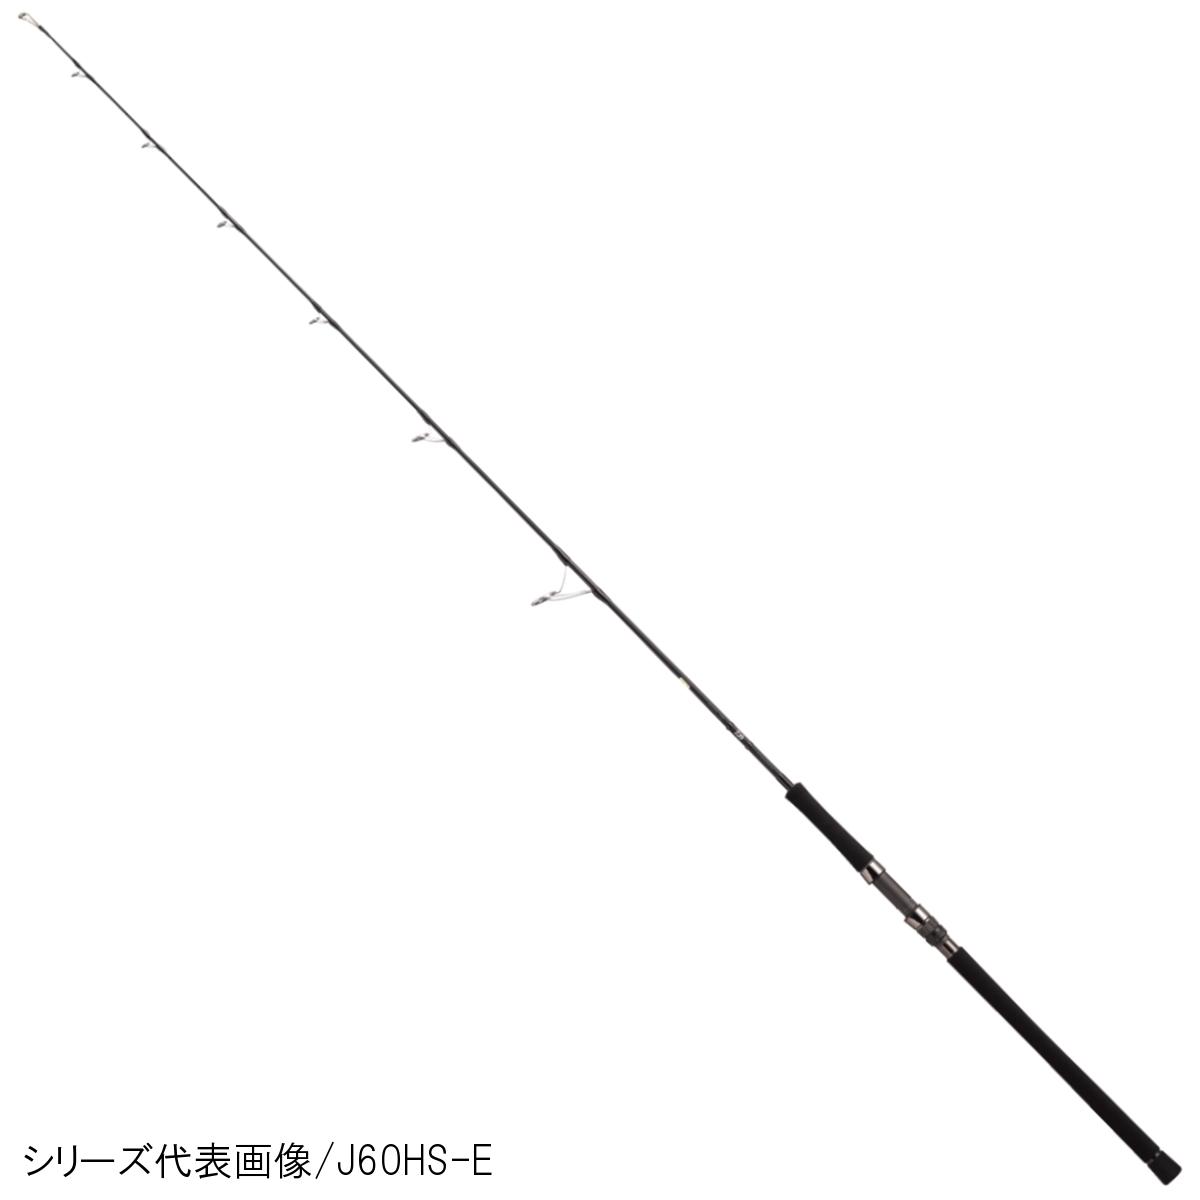 ダイワ キャタリナ J61MHS・E【大型商品】(東日本店)